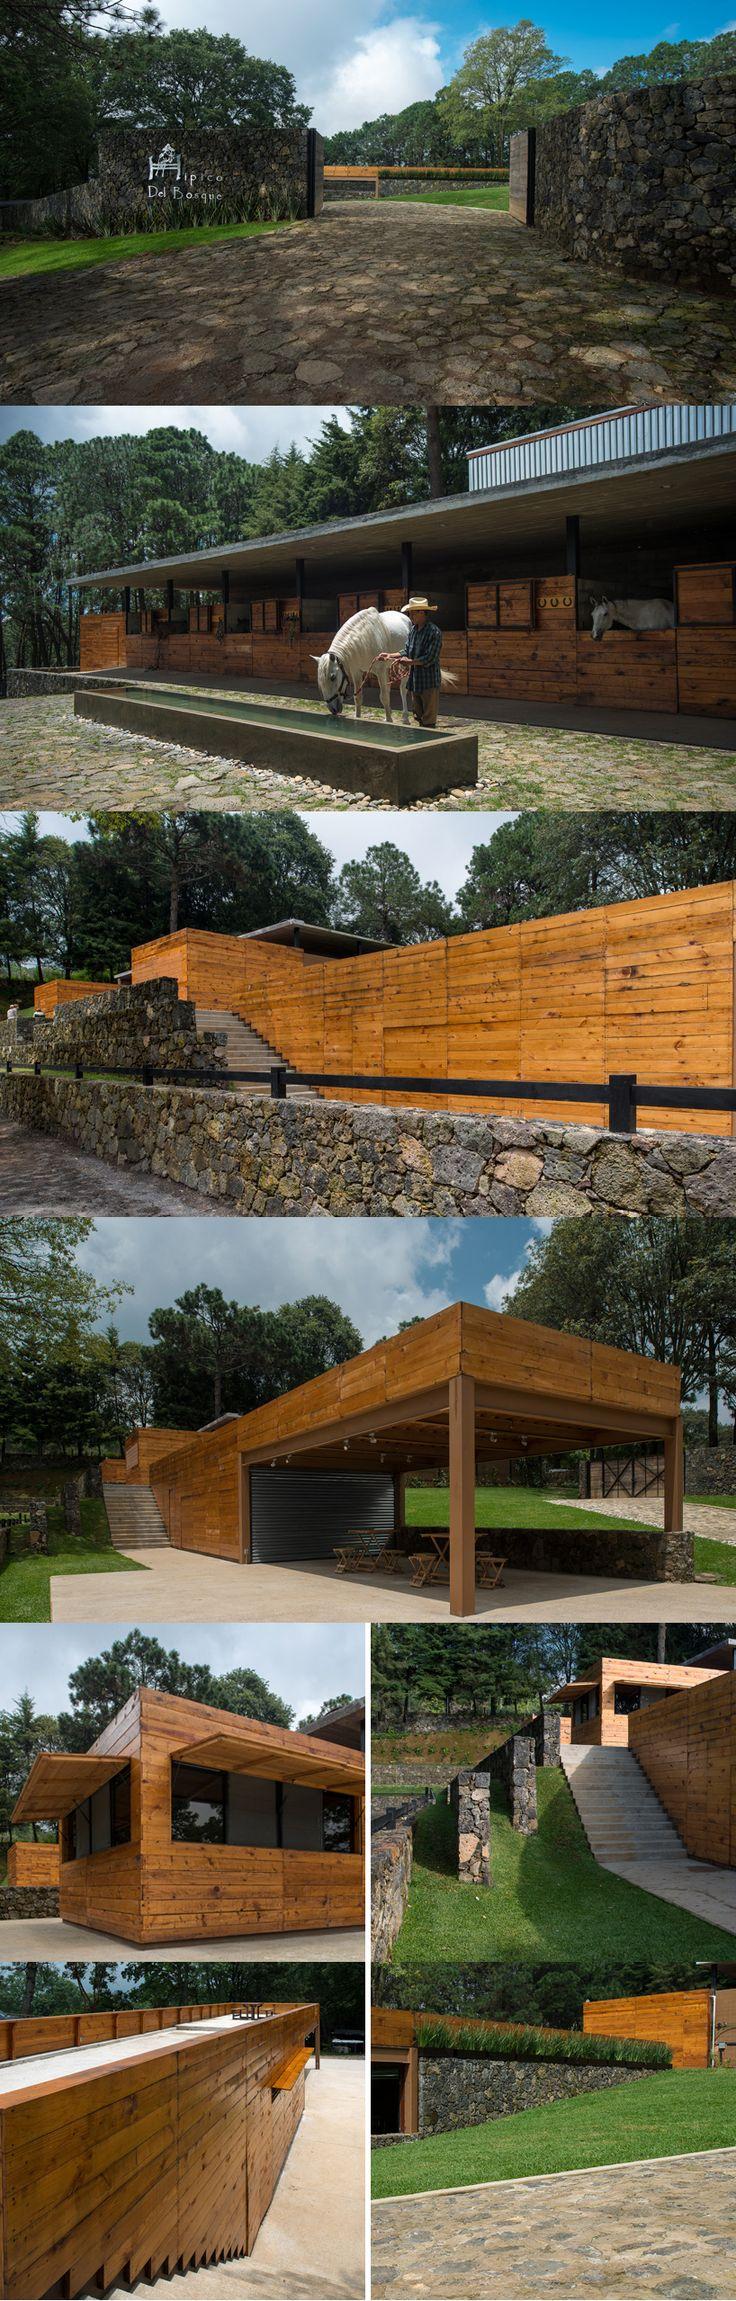 Equestrian Center, Cuernavaca, Mexico by APT Arquitectura Para Todos